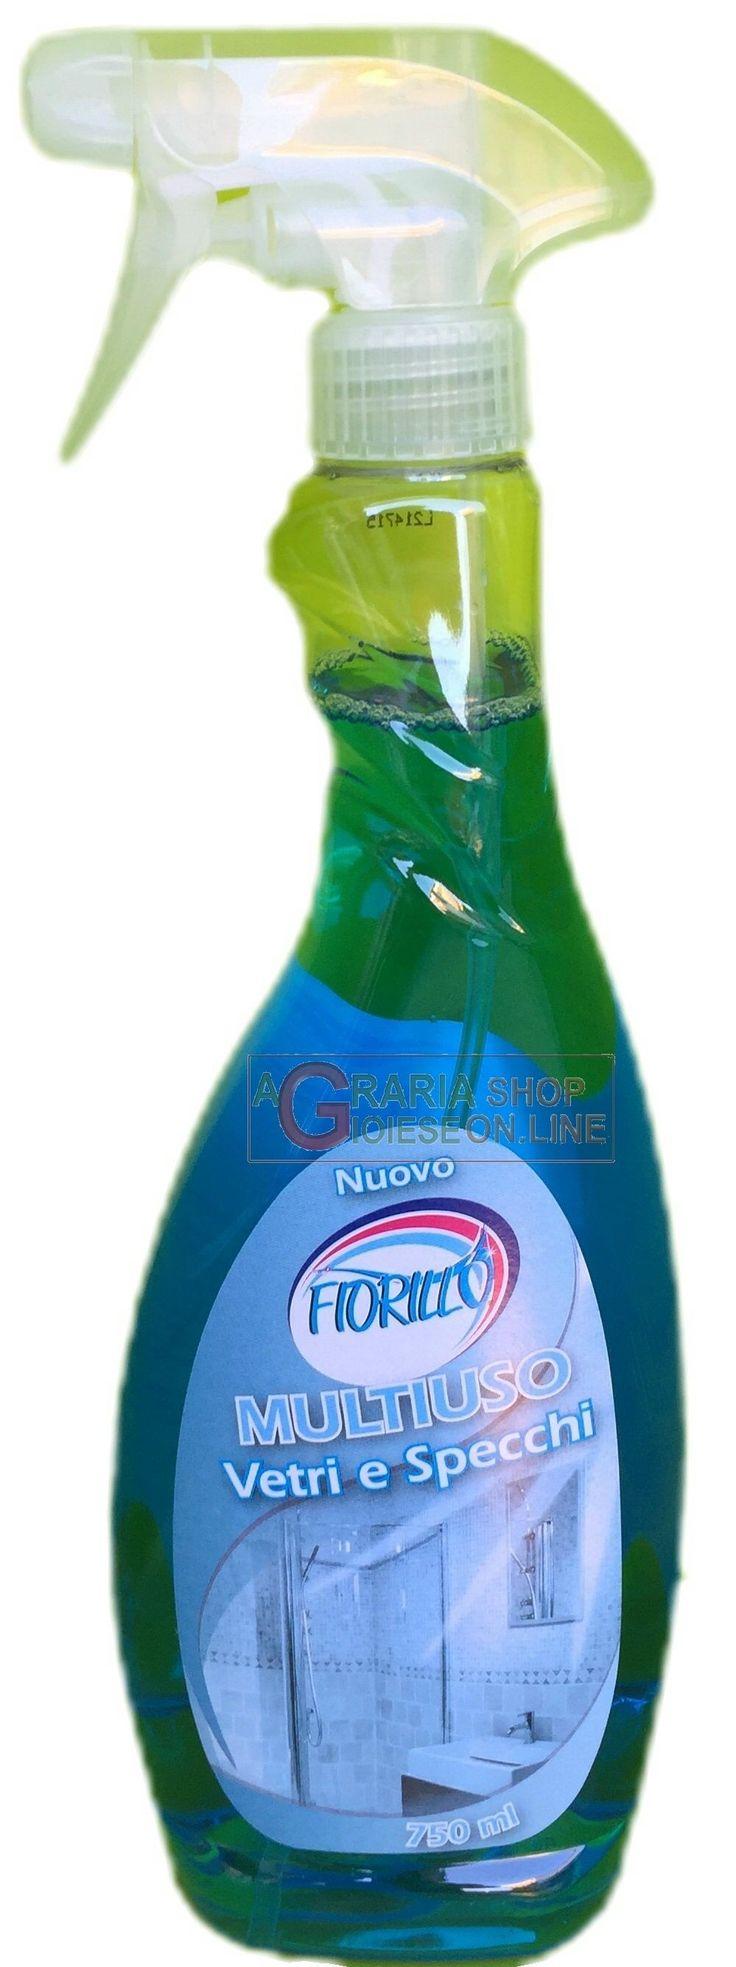 FIORILLO MULTIUSO SPRAY PRONTO USO PER VETRI E SPECCHI ML. 750 http://www.decariashop.it/detersivi/6263-fiorillo-multiuso-spray-pronto-uso-per-vetri-e-specchi-ml-750.html